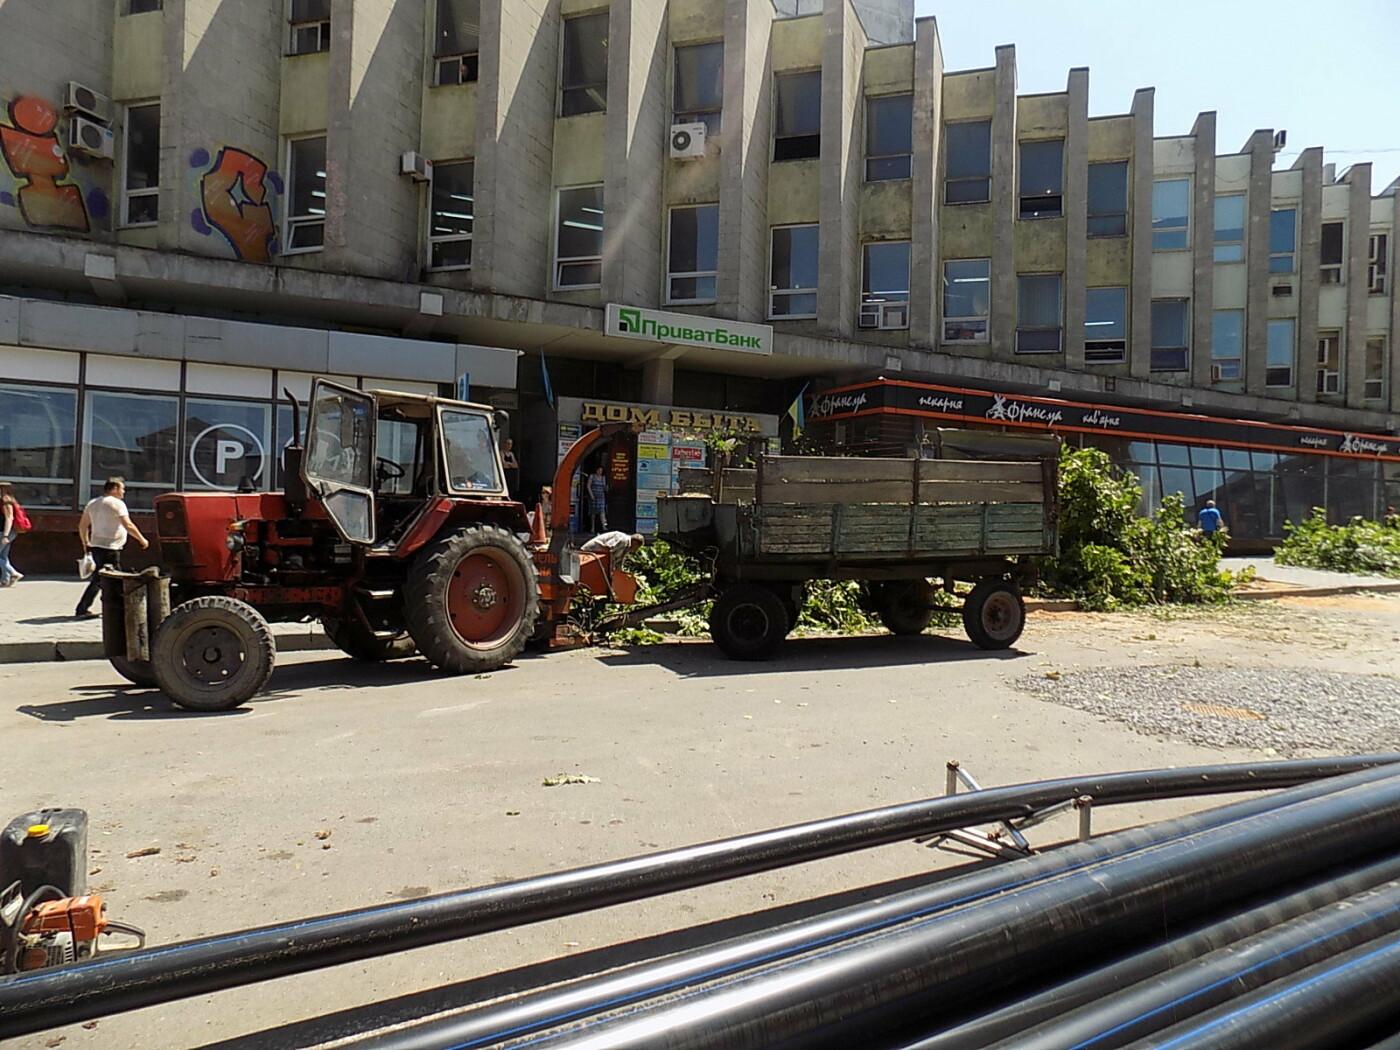 В Днепре провели «похороны» деревьев с Короленко: последние деревья срубили, пока город спал, - ФОТО, фото-2